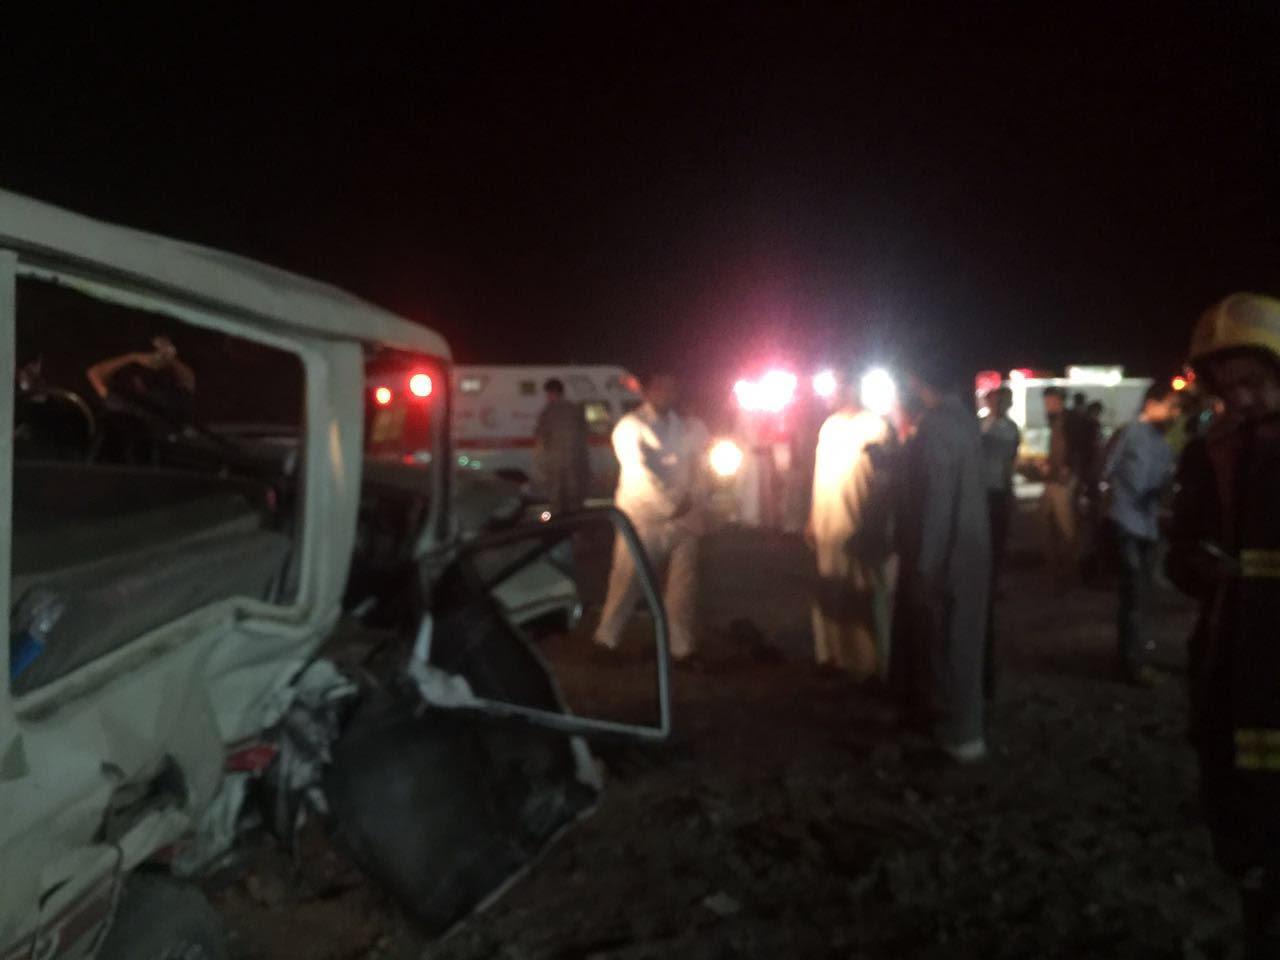 حادث تصادم بالمدينة المنورة (2)